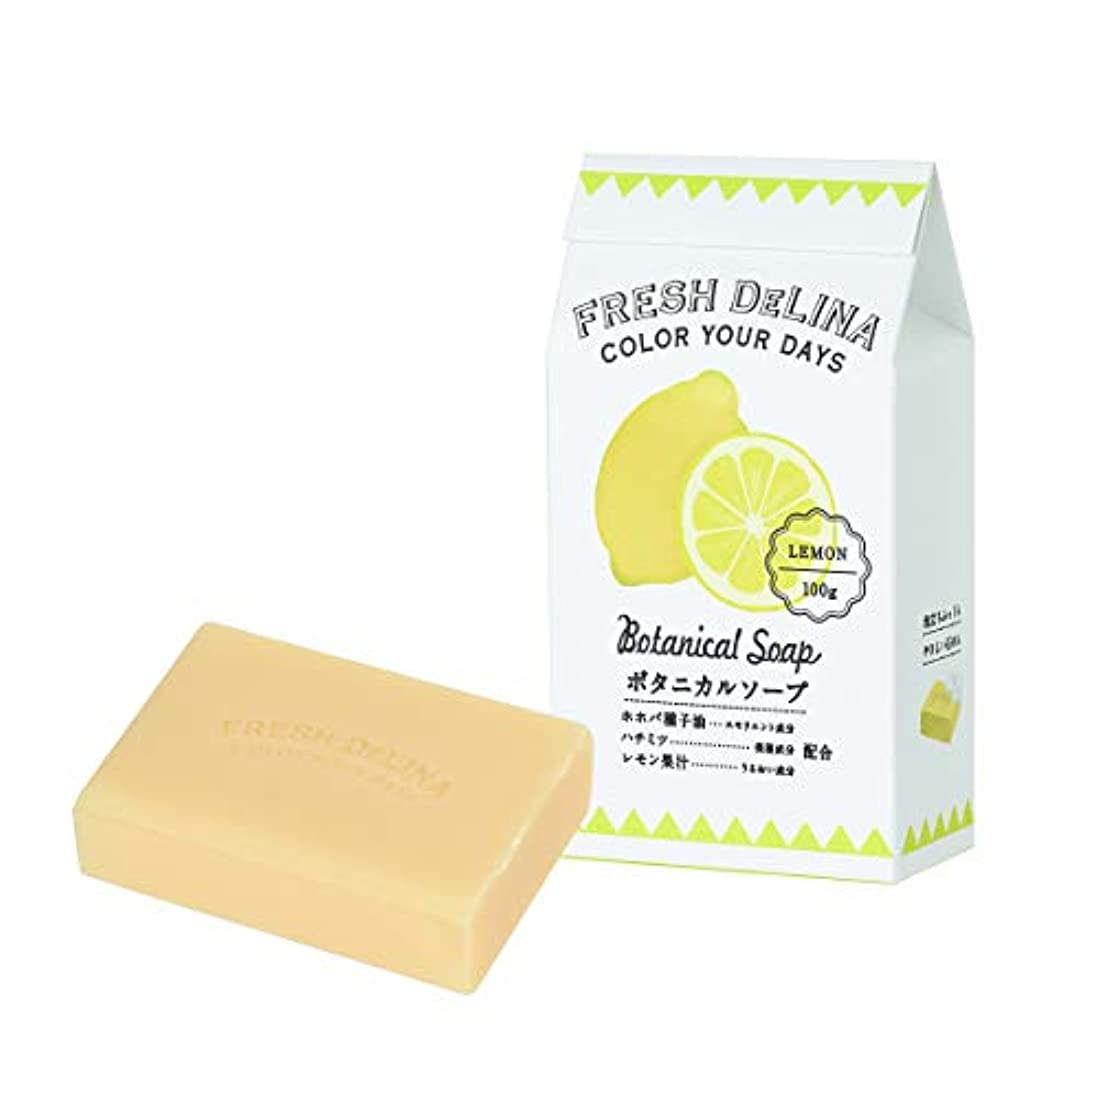 センサー寸法仕えるフレッシュデリーナ ボタニカルソープ レモン 100g